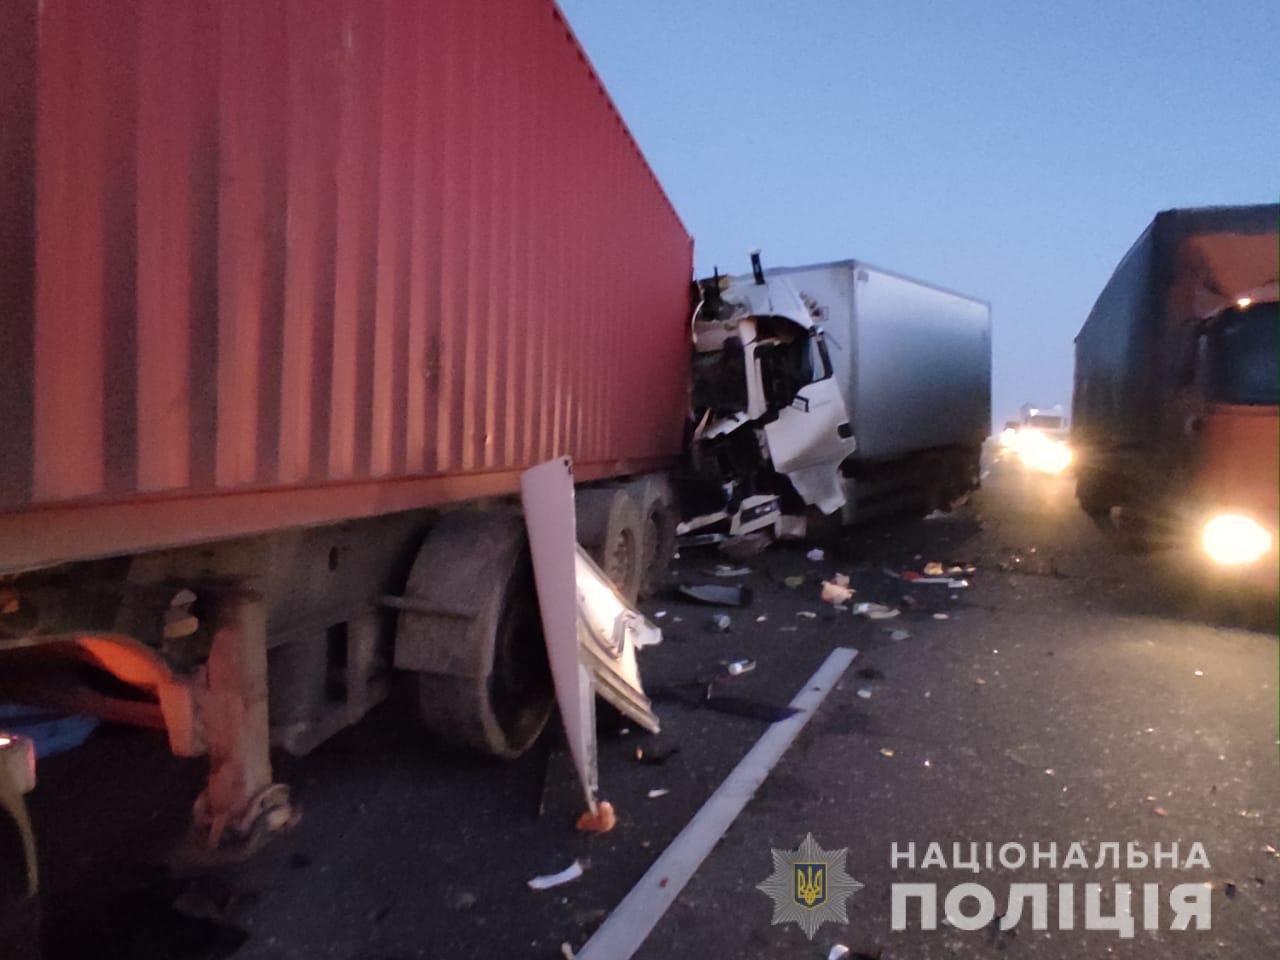 В Одесской области произошло смертельное ДТП, - ФОТО, фото-1